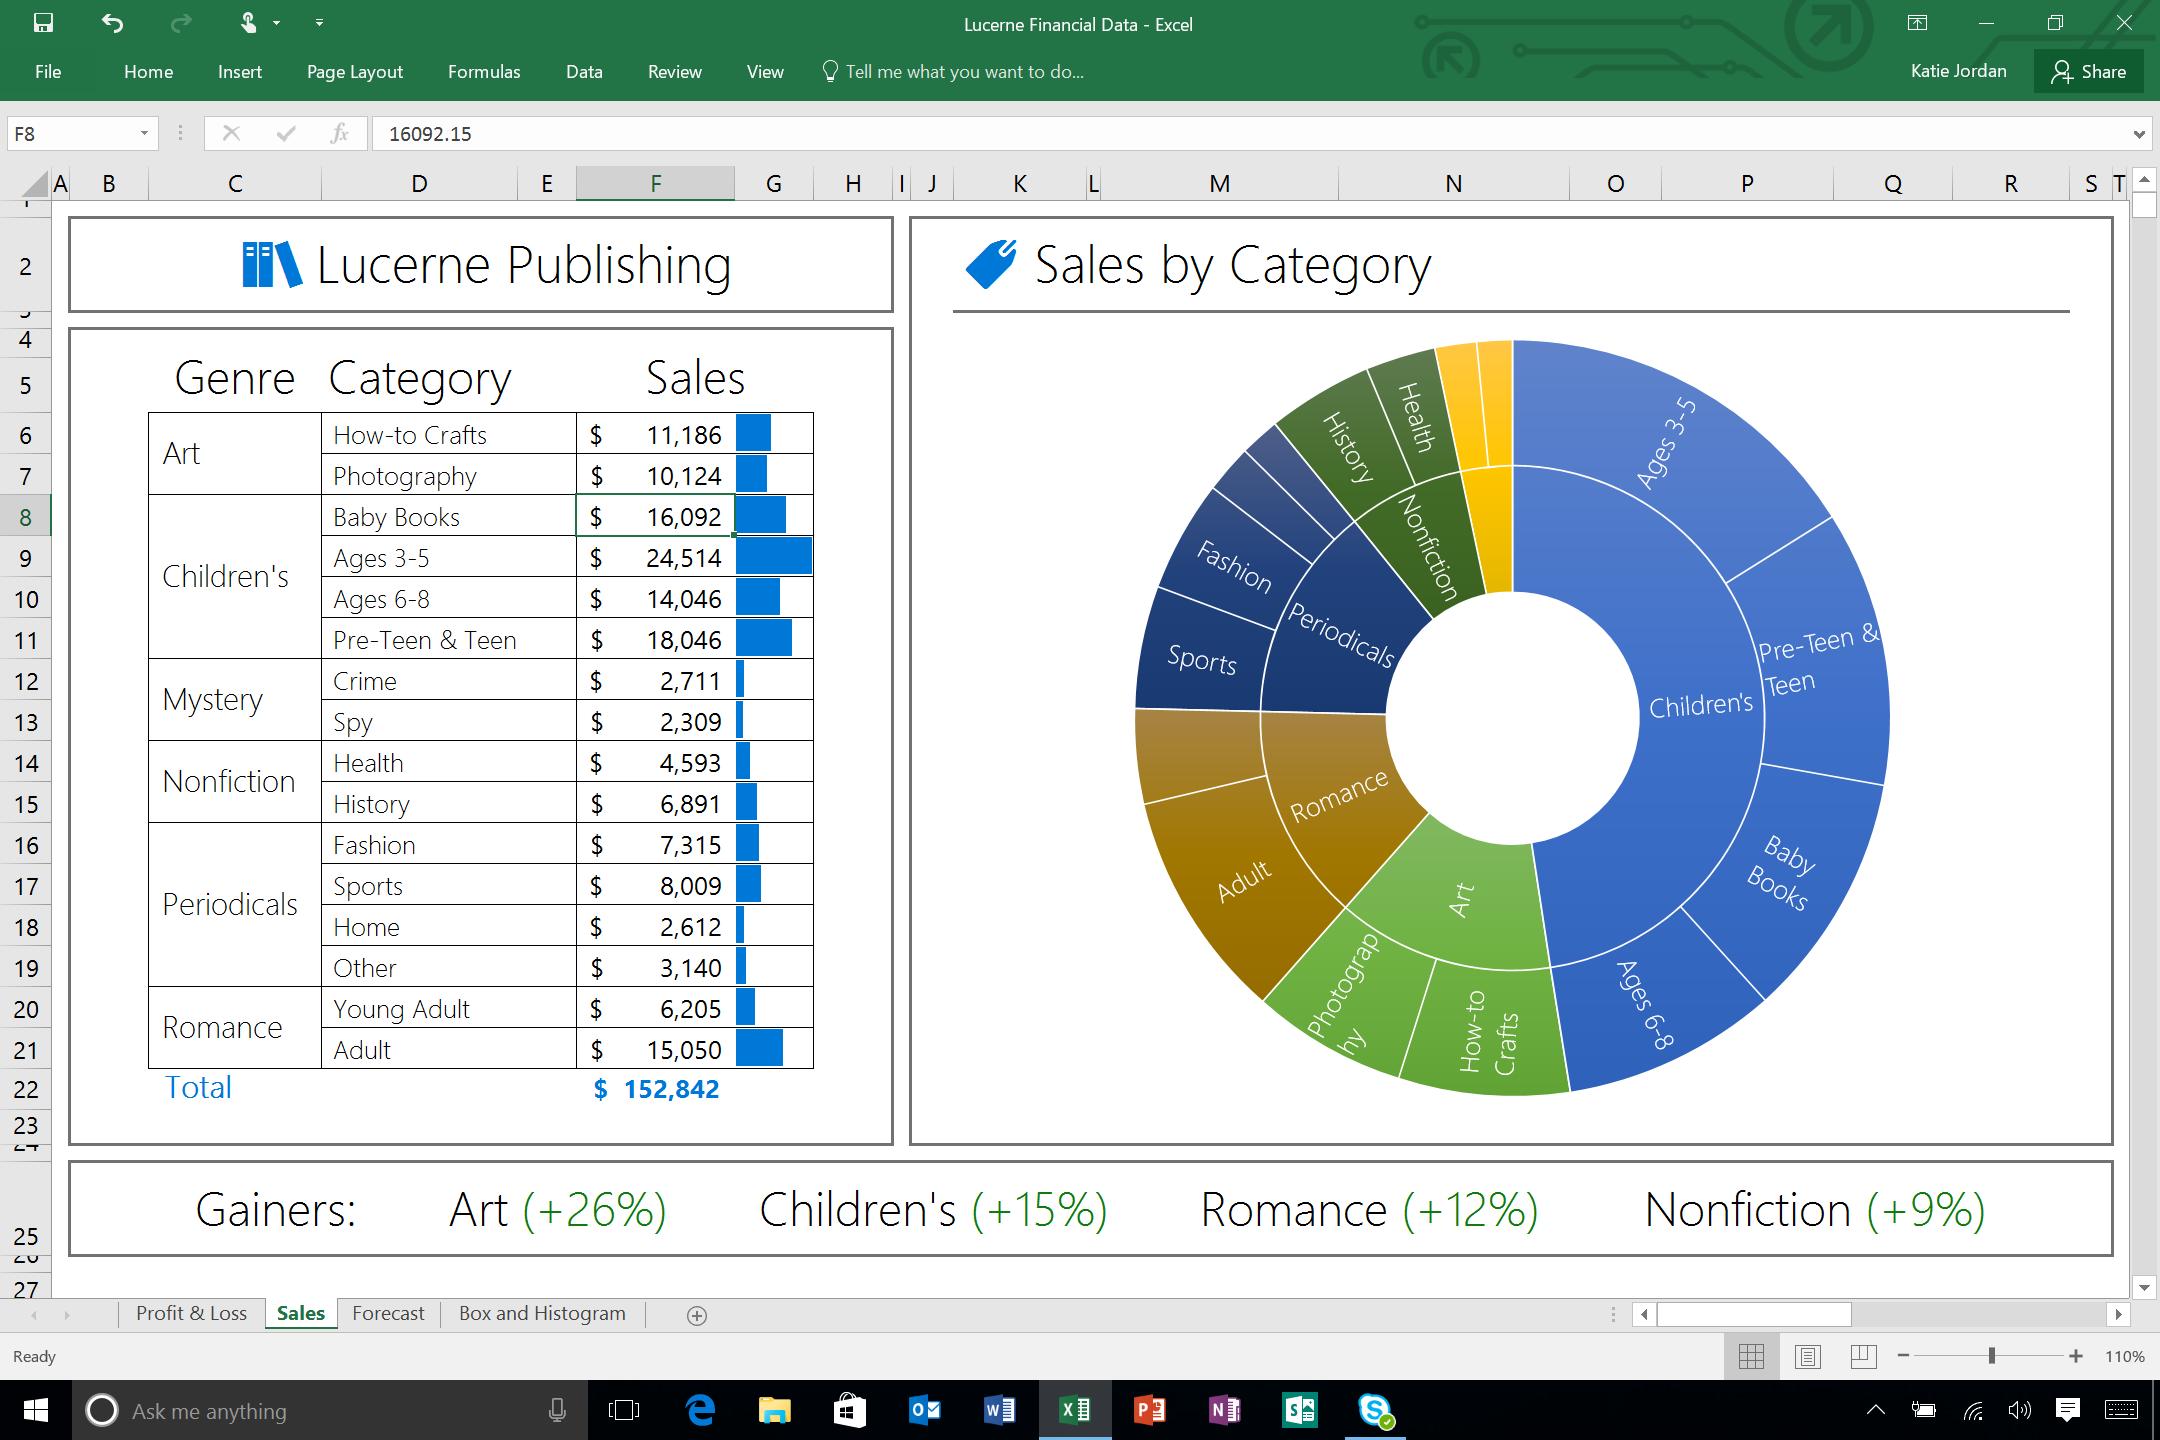 Excel 2016 - New Sunburst Chart